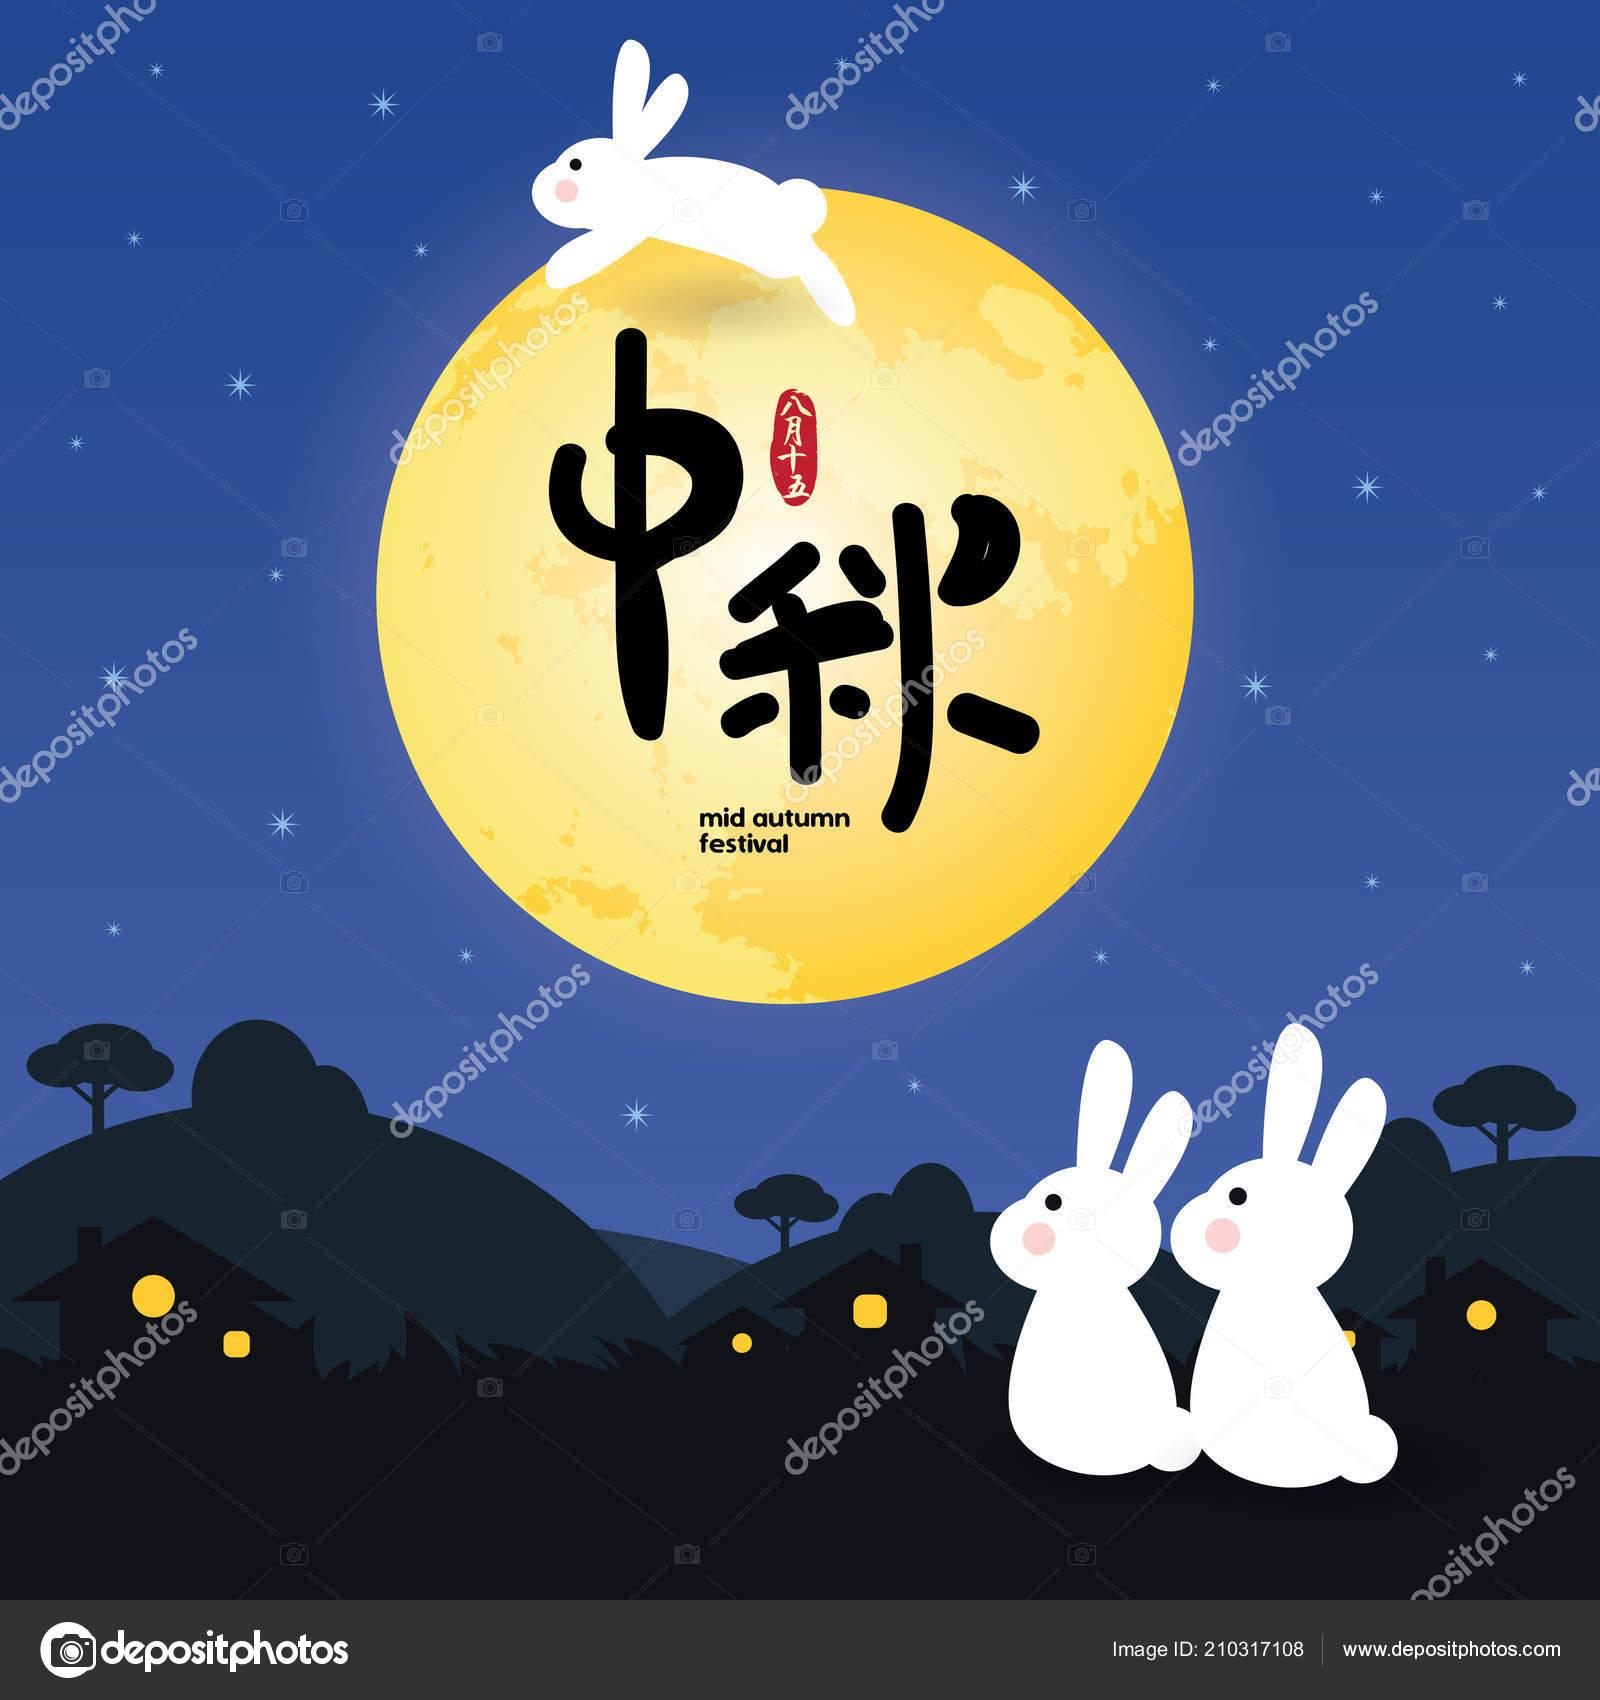 中秋節或中邱街可愛的兔子欣賞月亮的插圖 滿月帶來團圓慶祝節日 8月15日 中秋快樂 — 圖庫矢量圖像© animicsgo ...